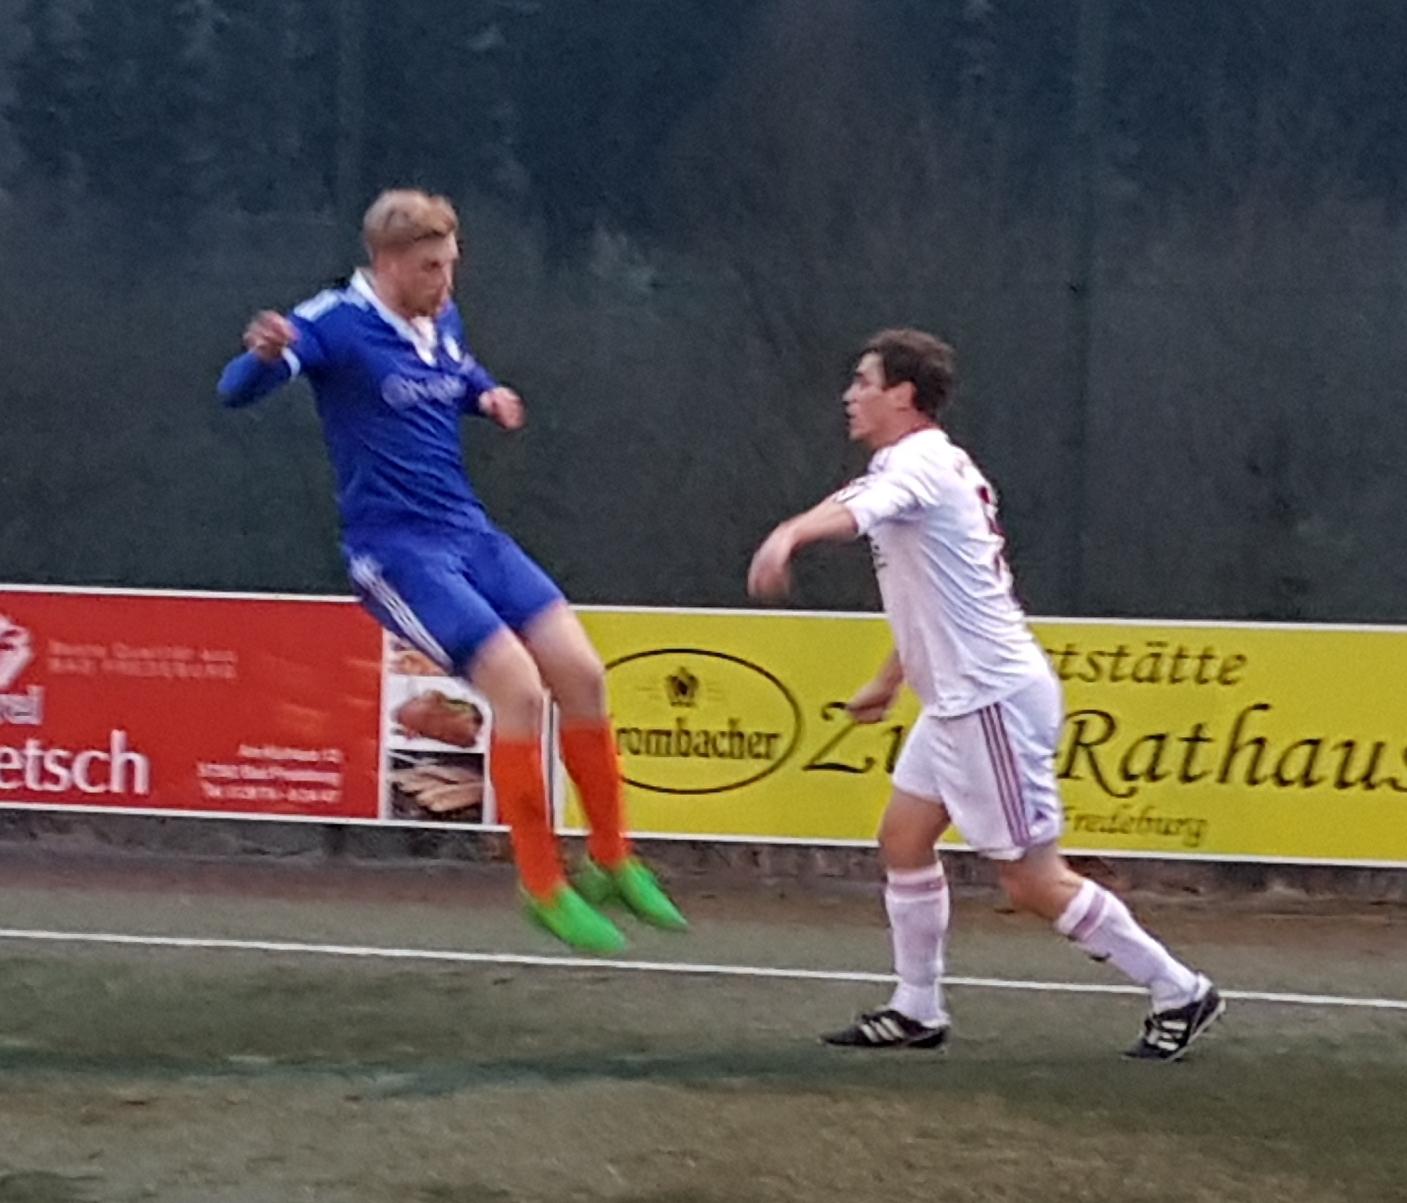 TV I-Kapitän trifft zum 4:1 gegen SC Lennetal